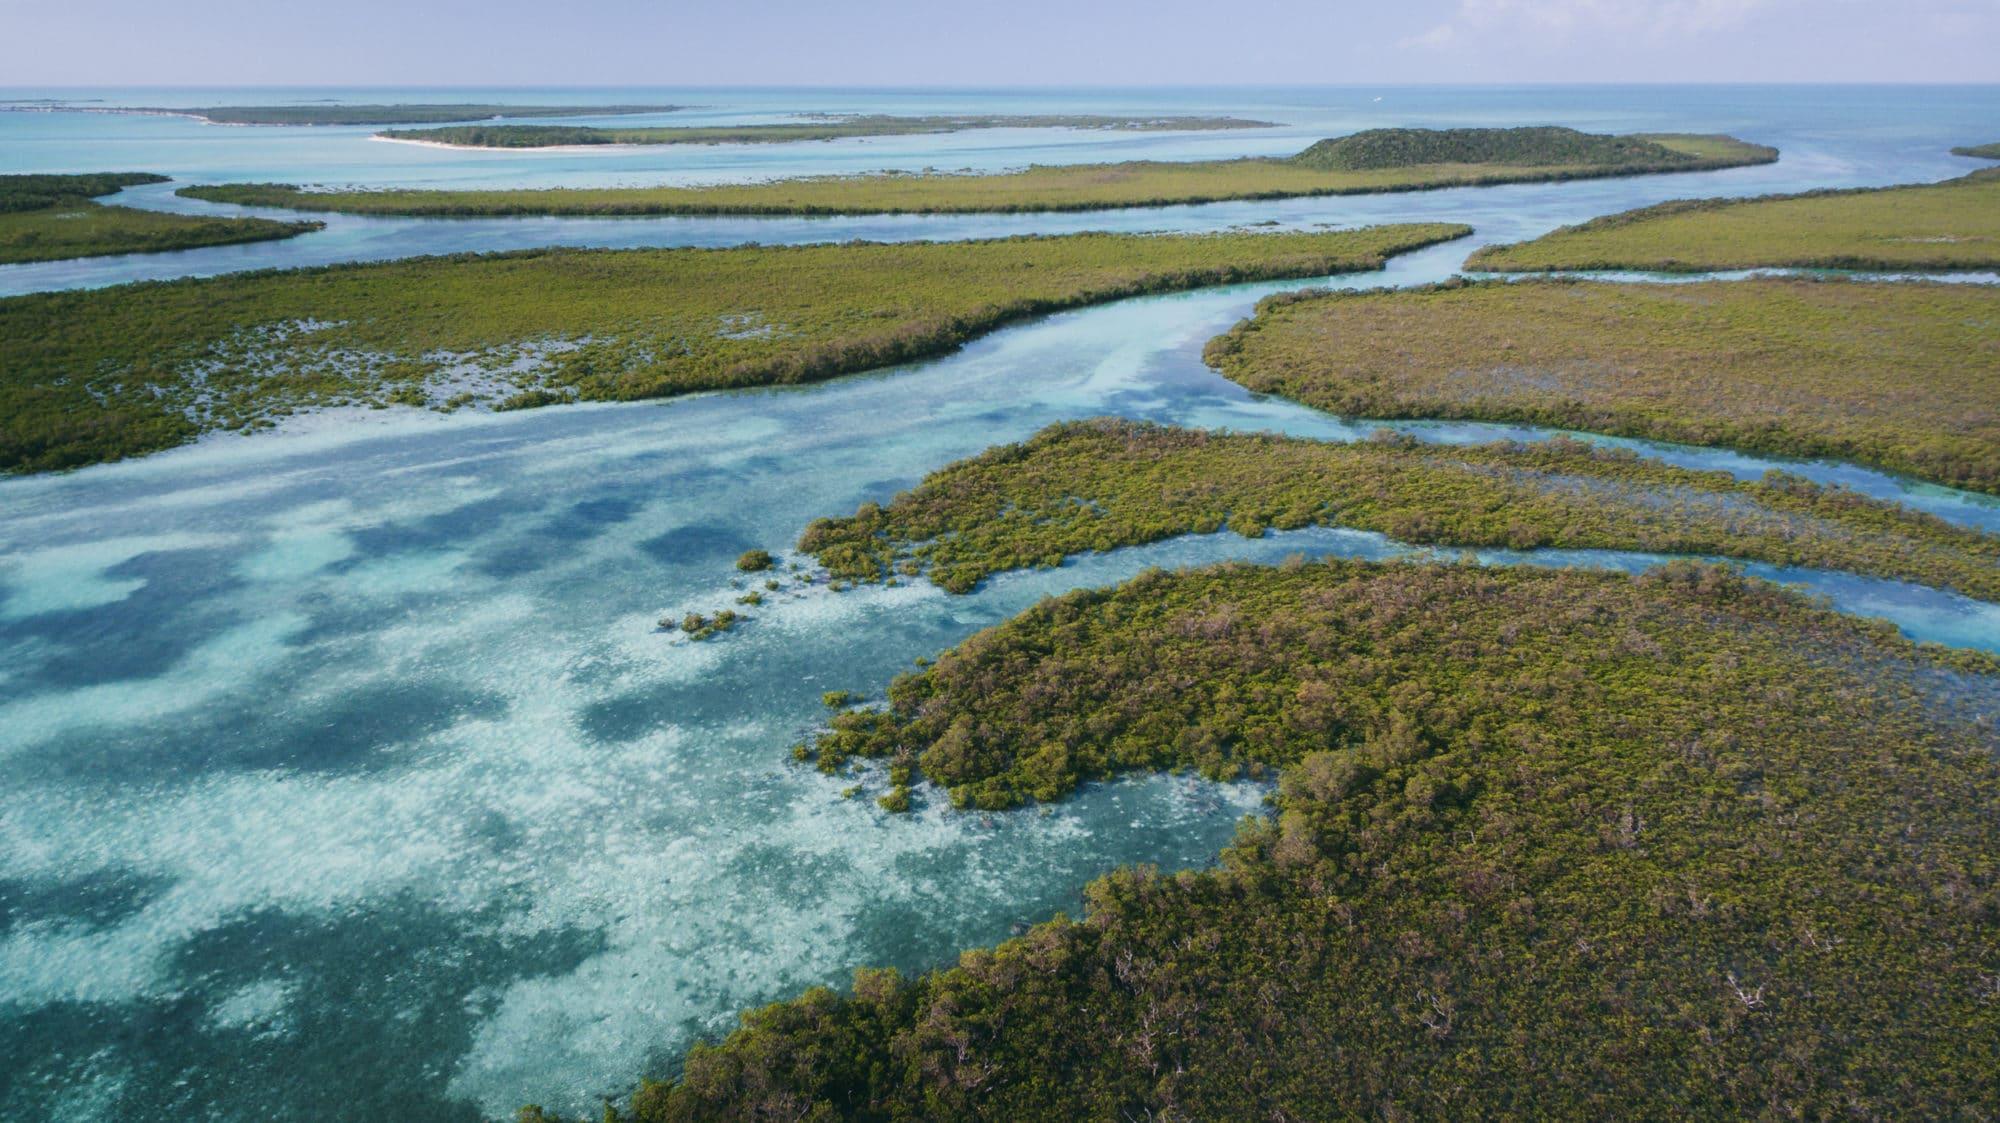 Voyage aux bahamas-séjour bahamas-découvrir les bahamas-comment se rendre aux bahamas-que faire aux bahamas